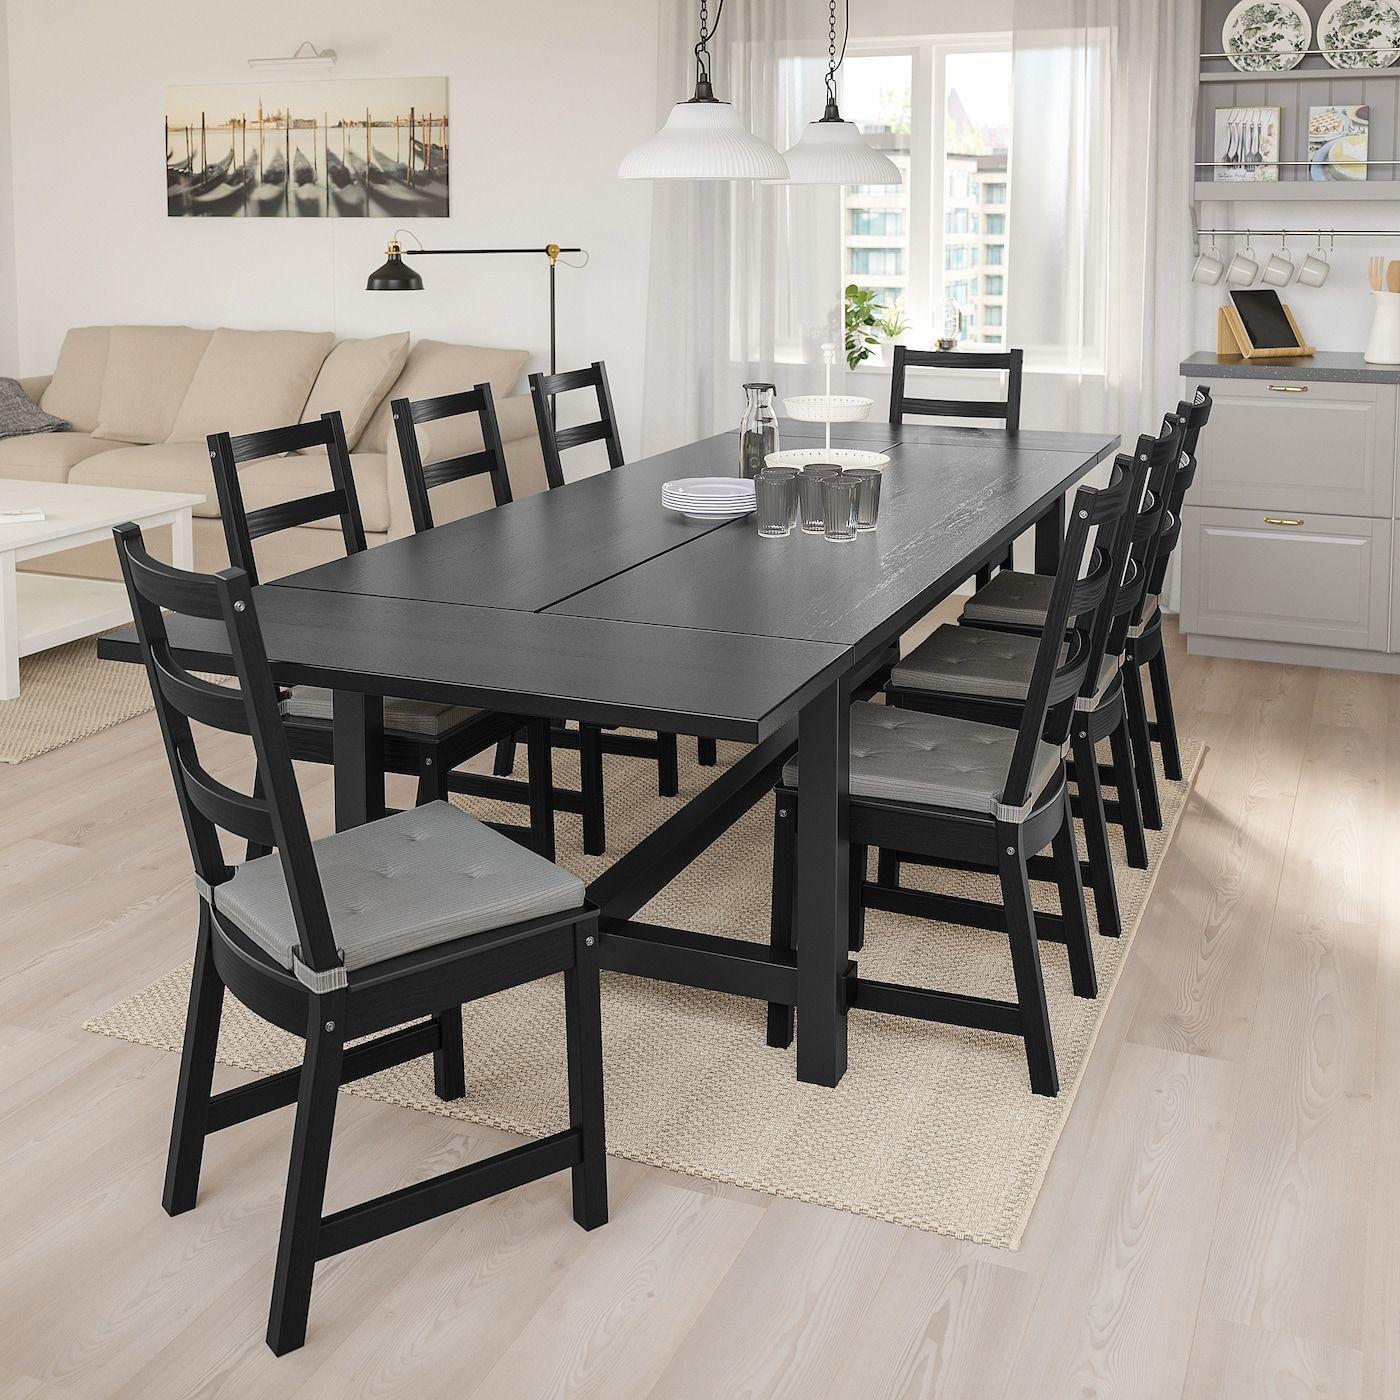 Nordviken Nordviken Table And 6 Chairs Black Black 82 5 8 113